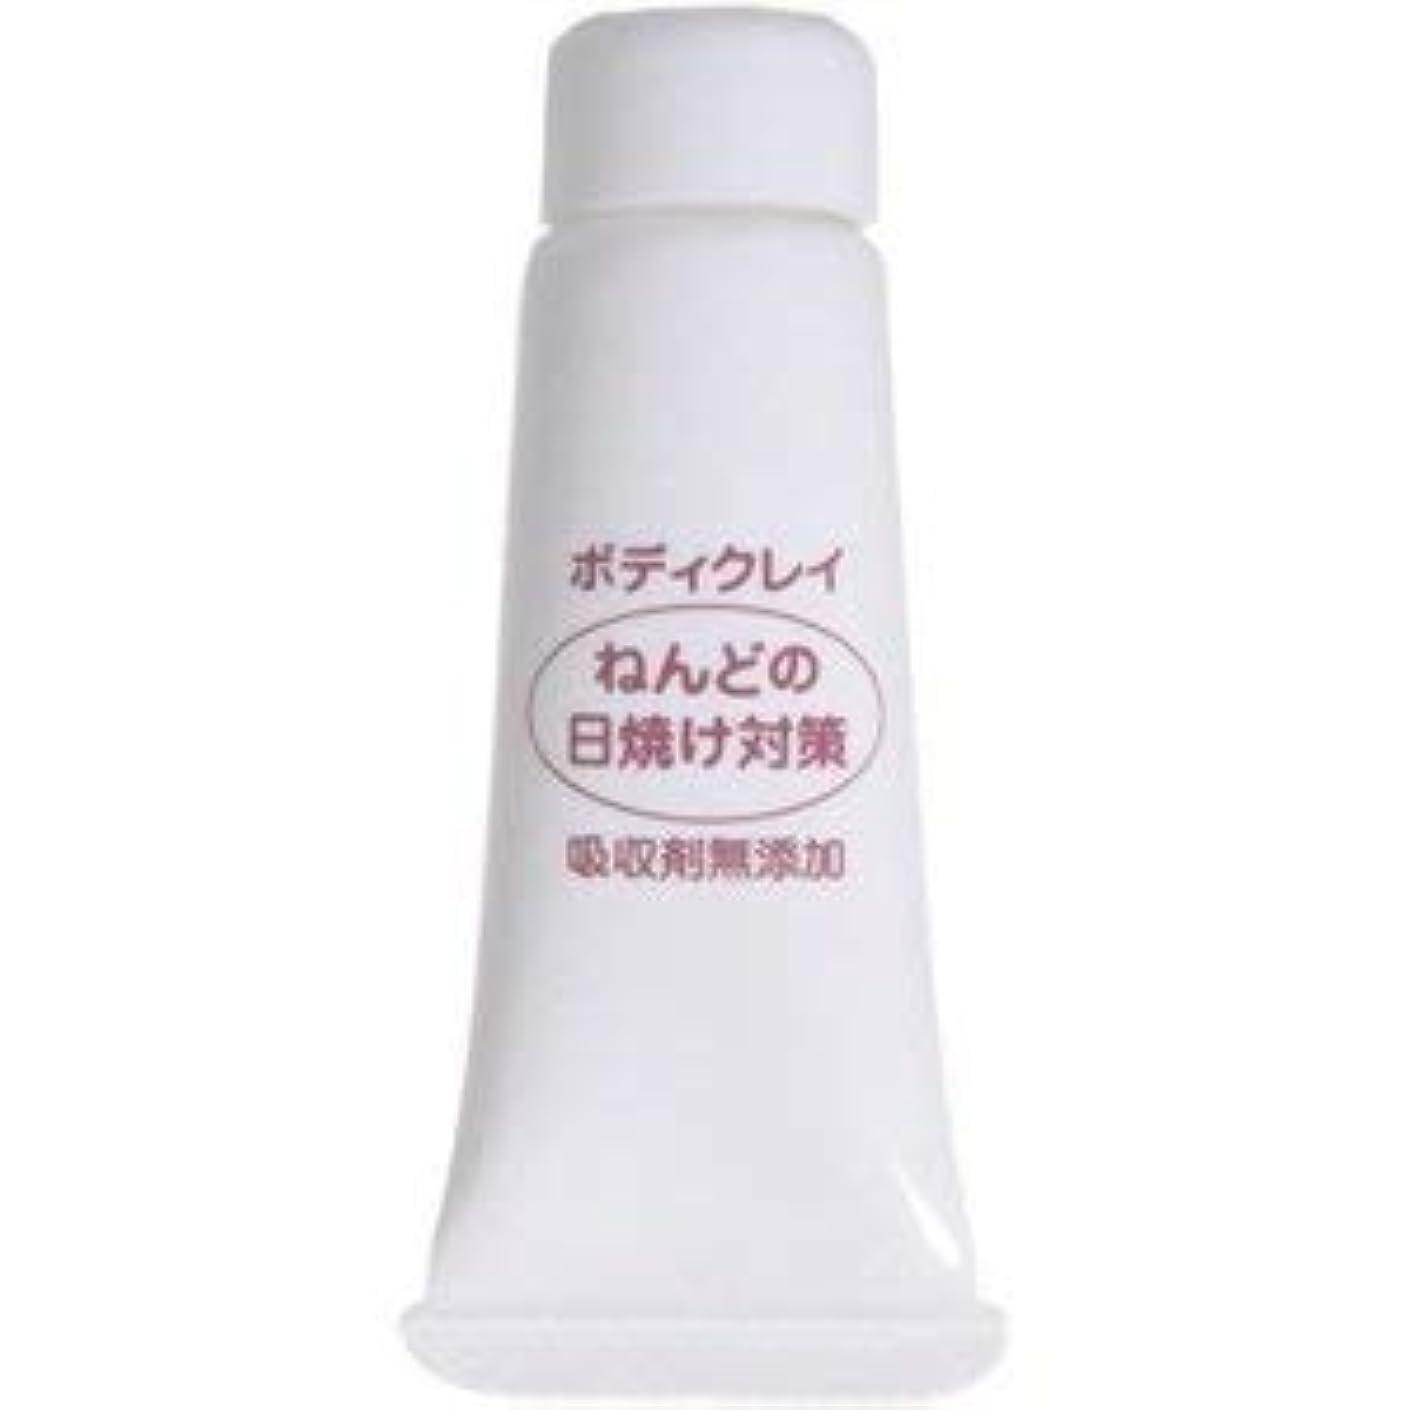 リズム黒板適度な【お試し用】ボディクレイ ねんどの日焼け対策 10g [並行輸入品]